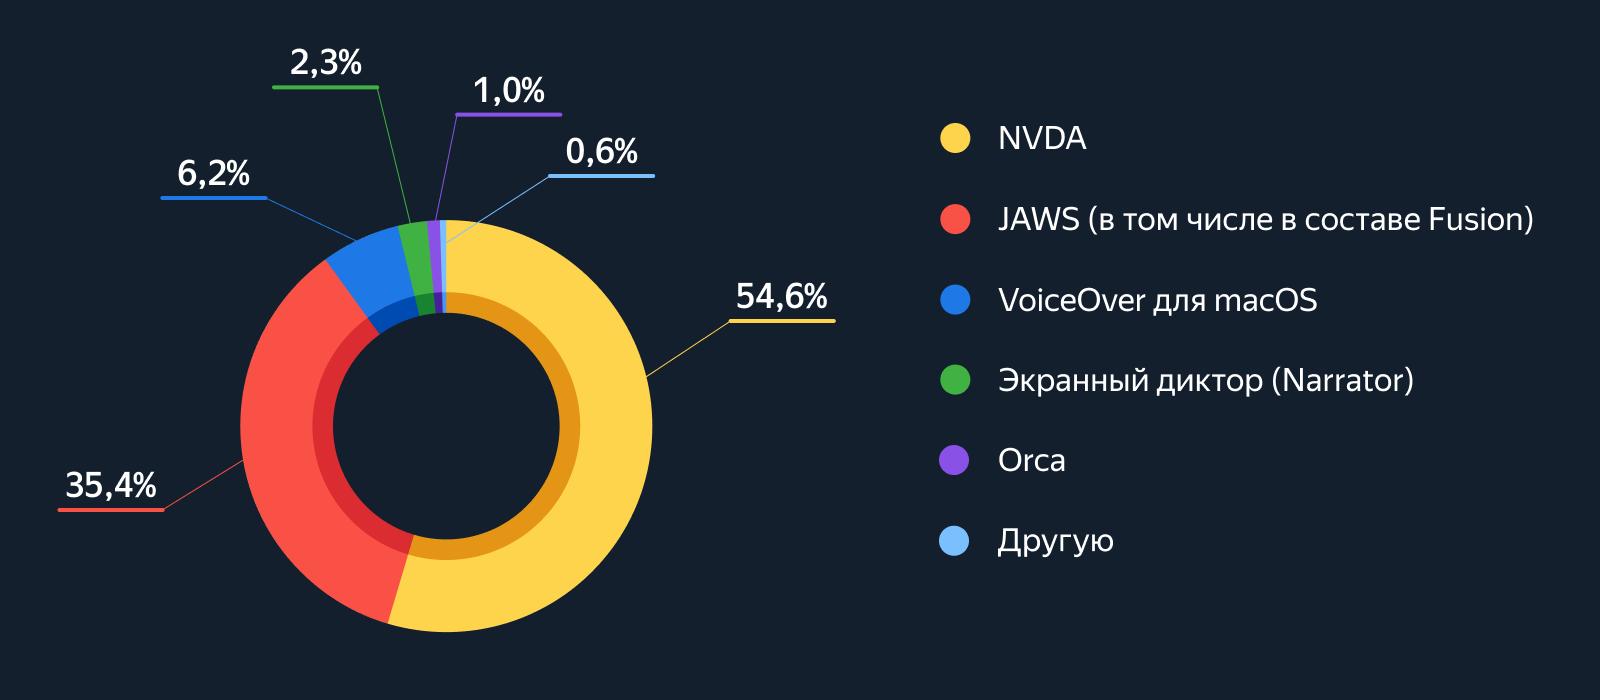 Круговая диаграмма с долями основных программ экранного доступа по данным таблицы 10